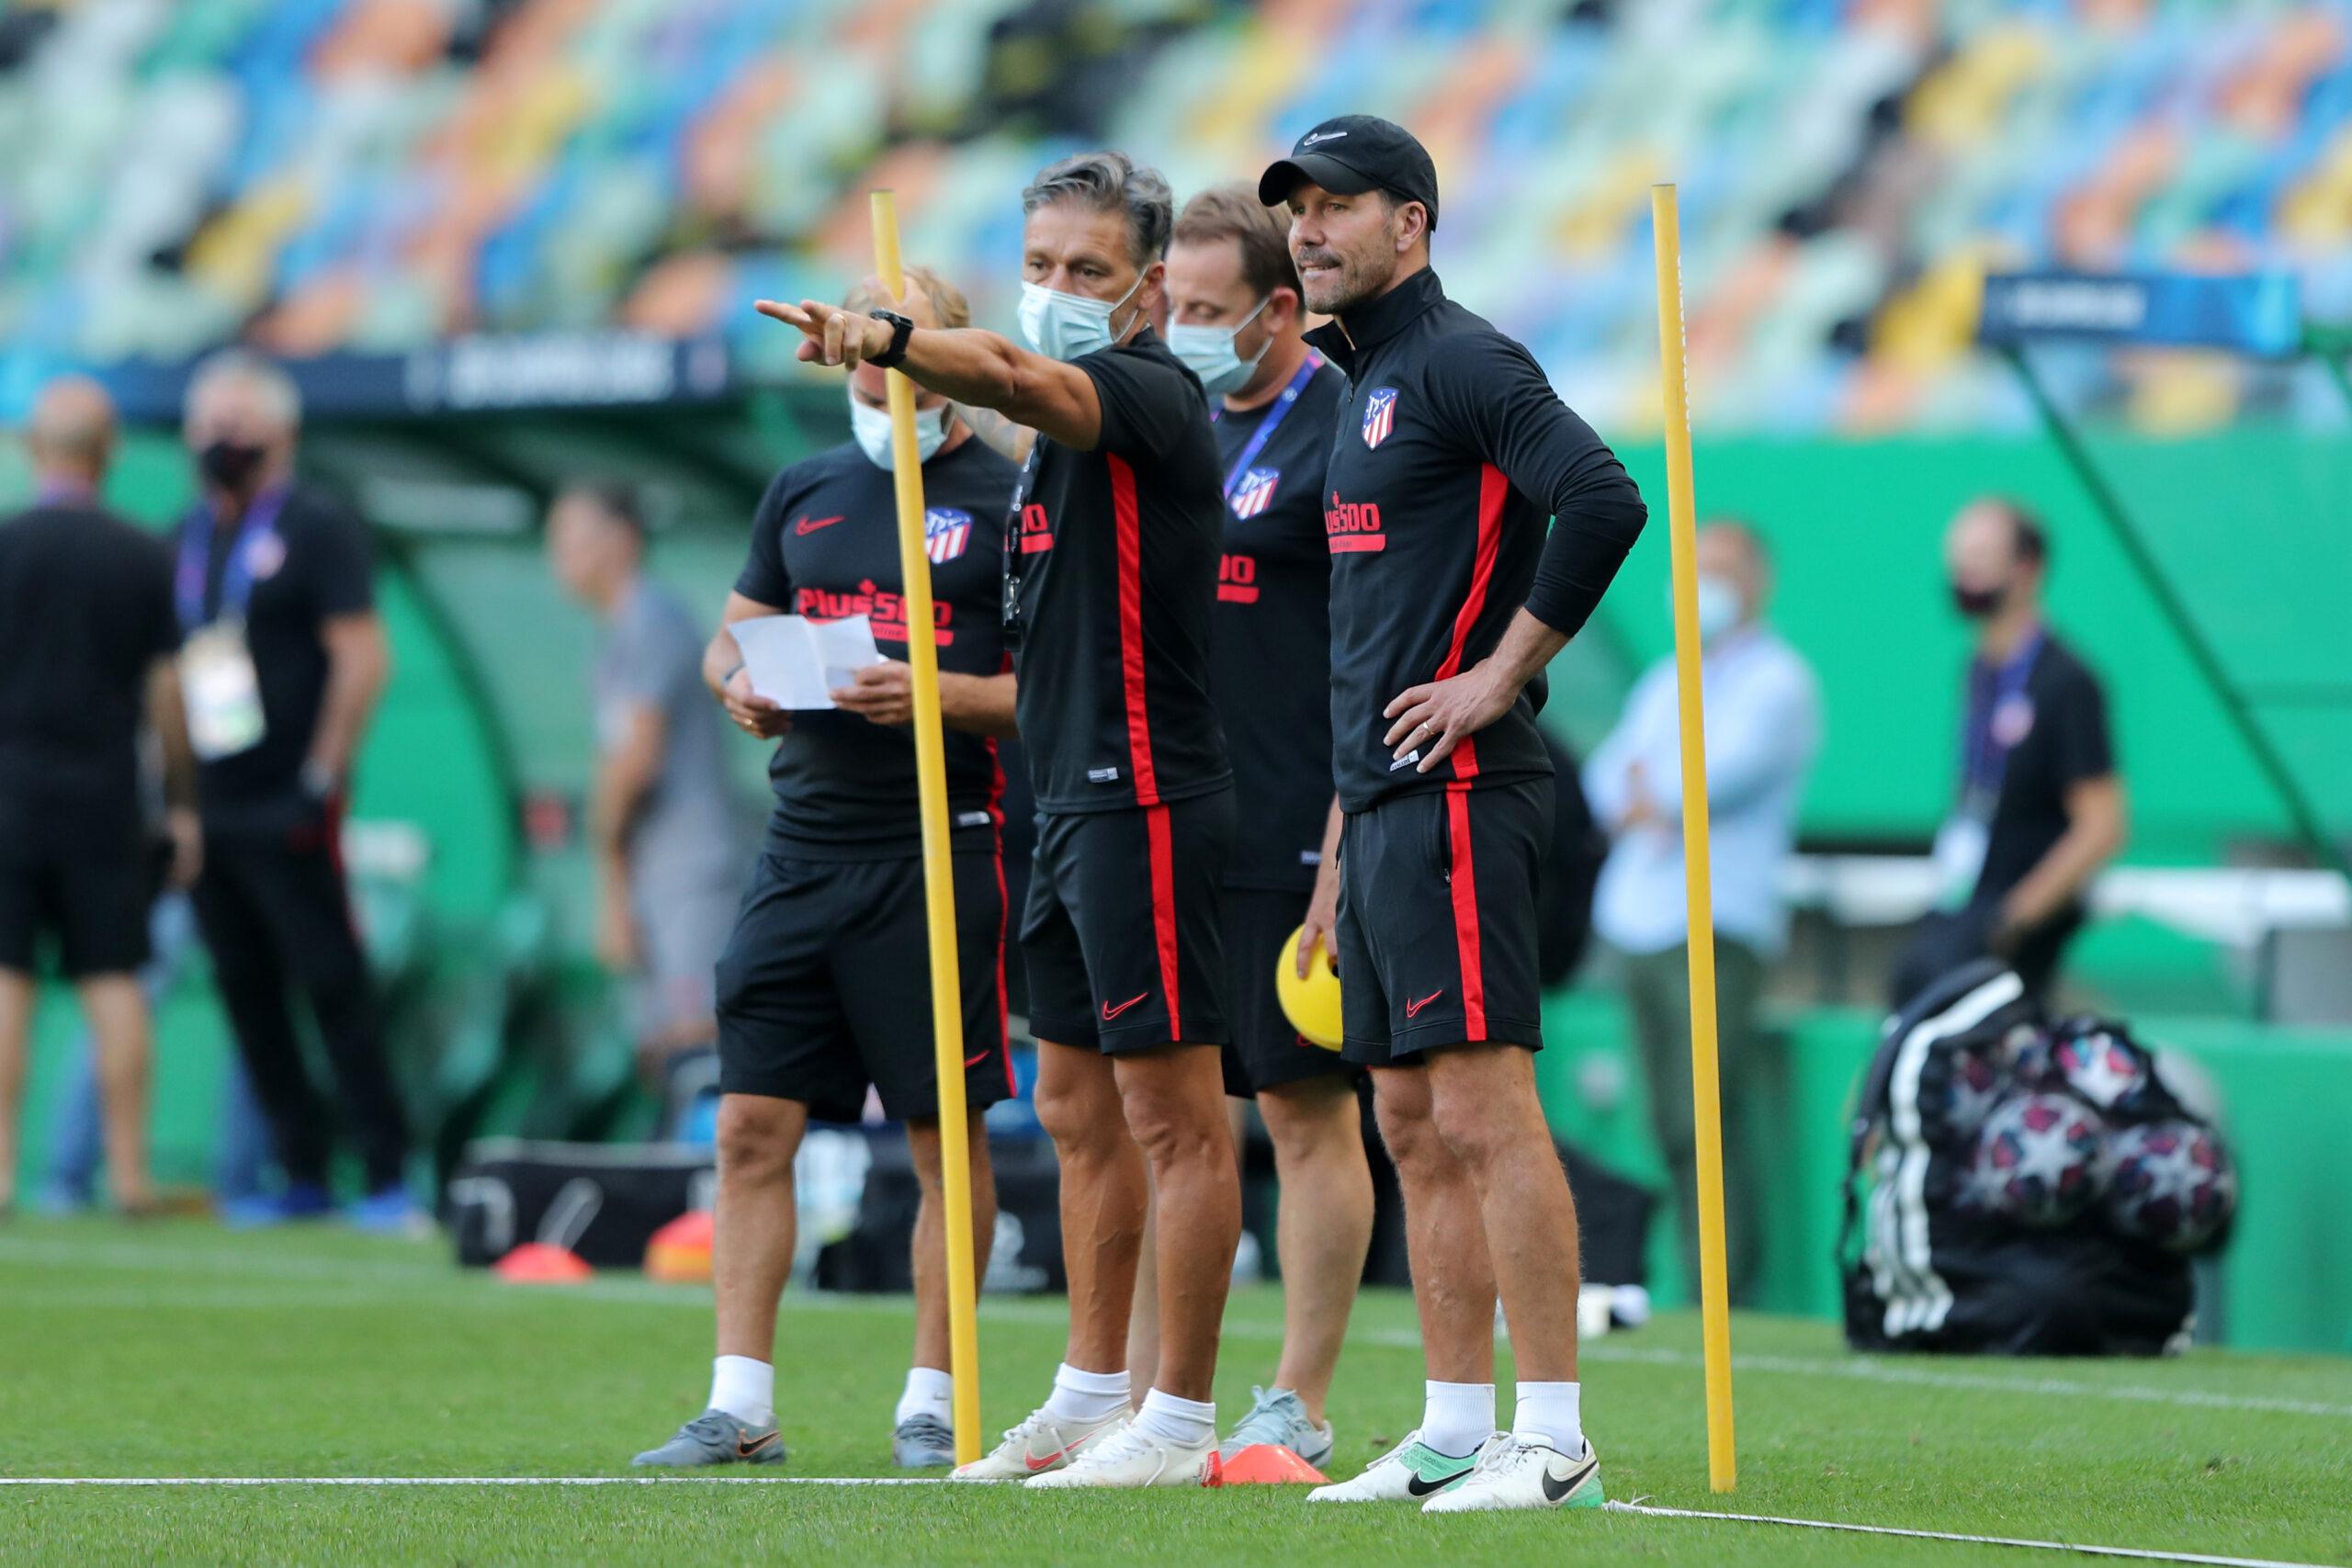 Fichajes: Los 3 delanteros que negocian con el Atletico